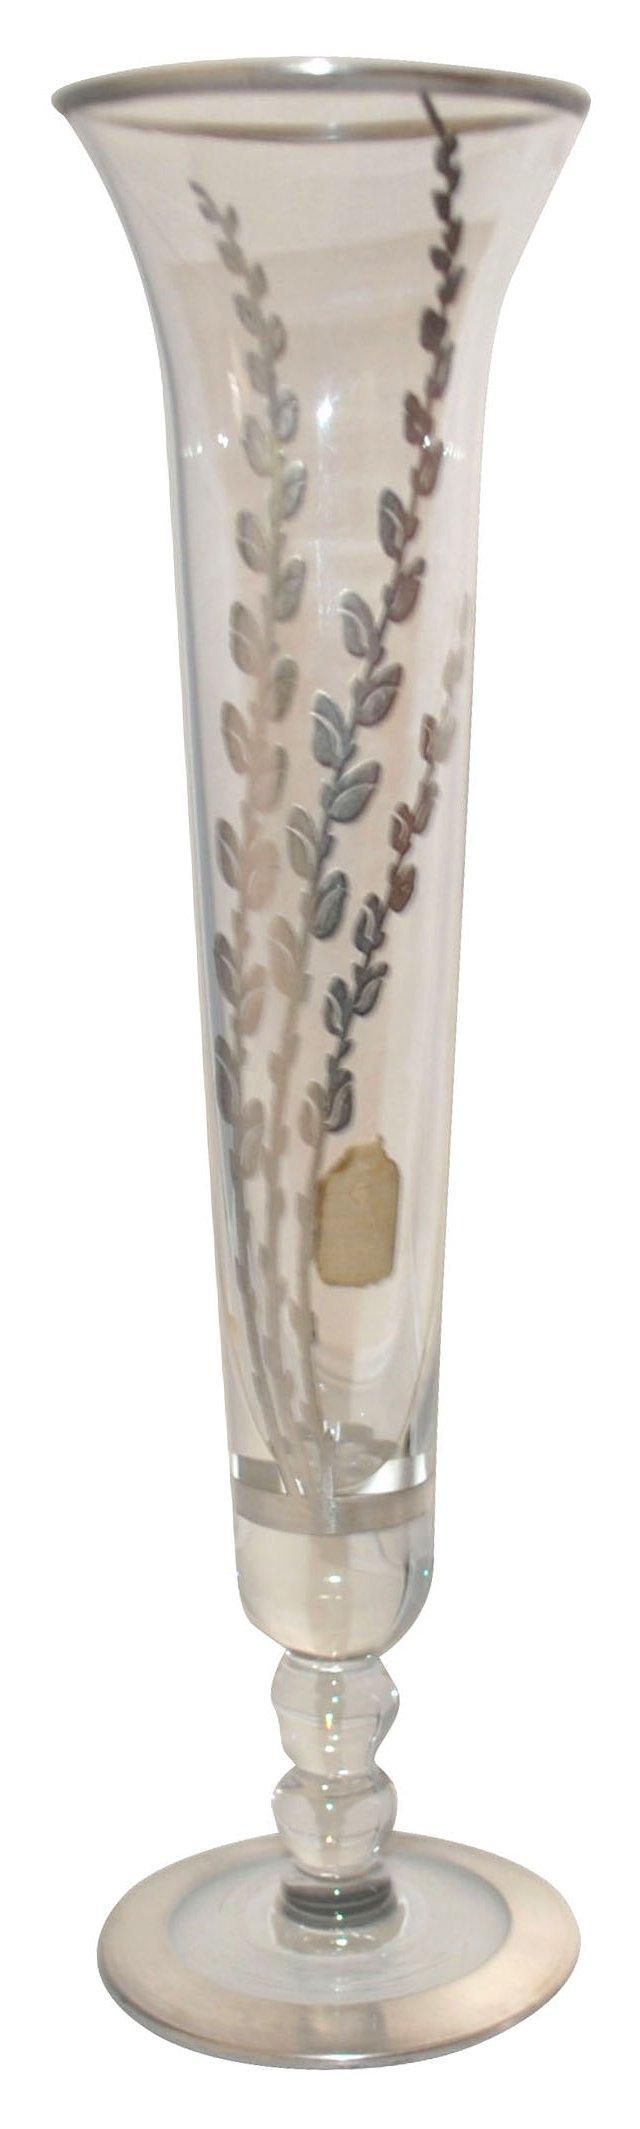 Crystal & Sterling Silver Vase